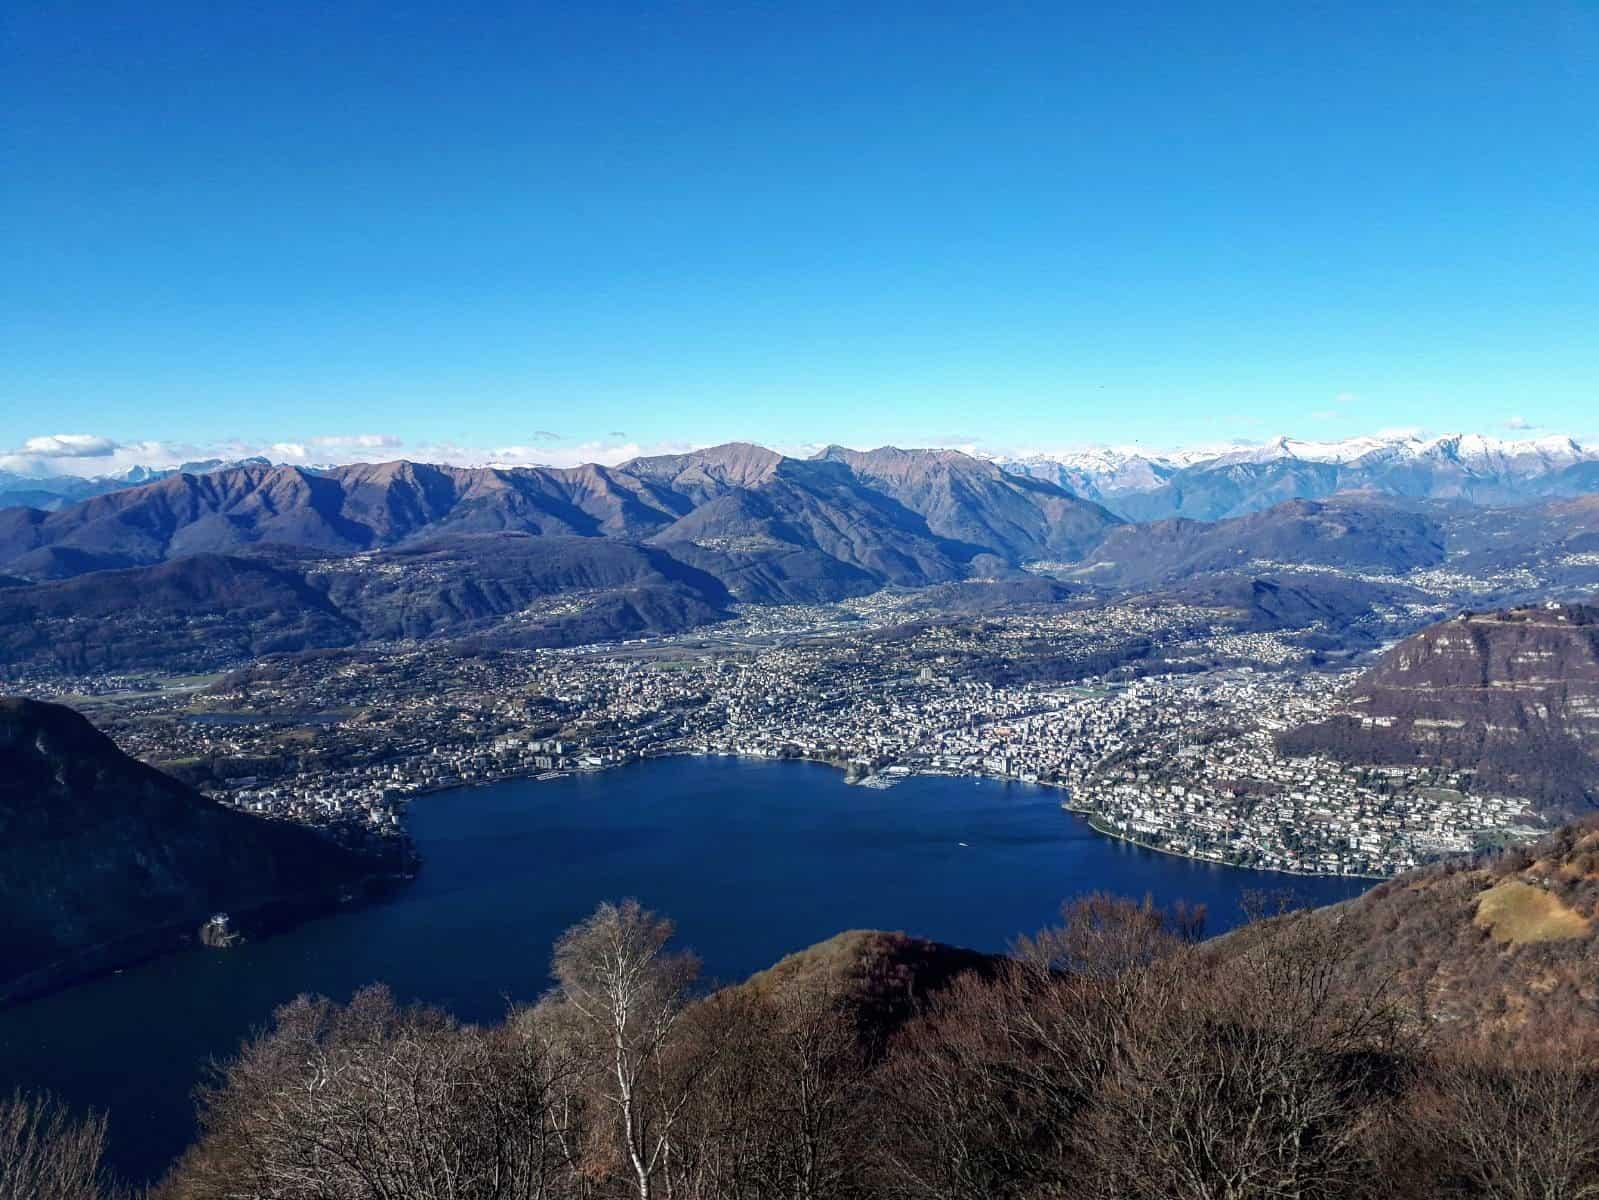 Sighignola - Lugano